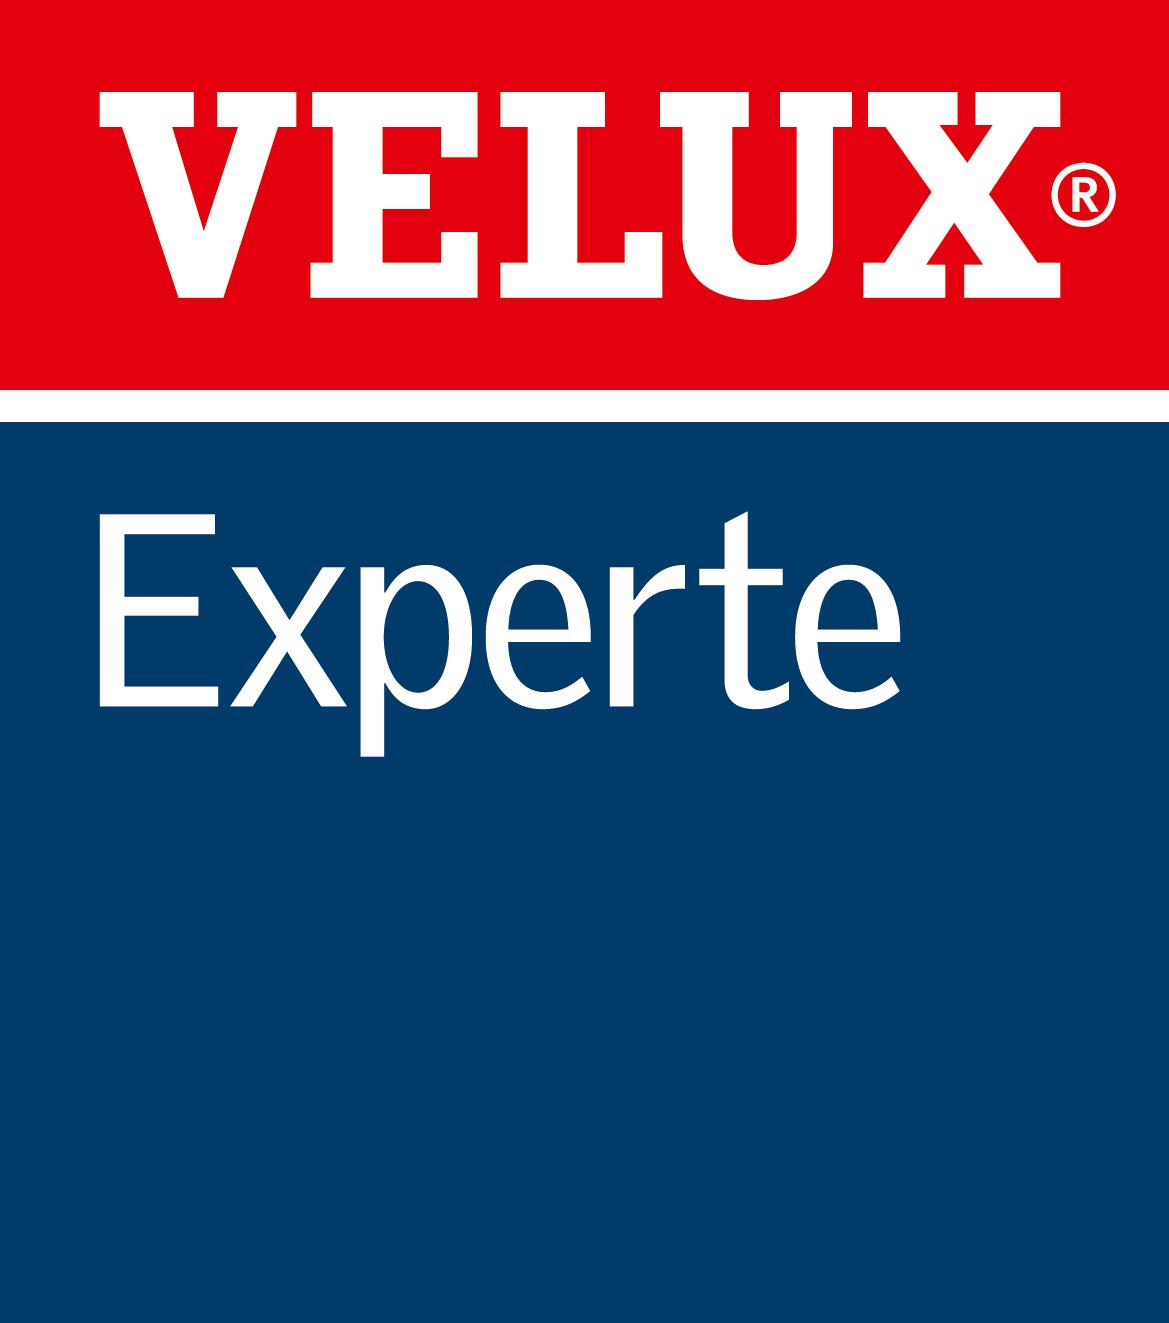 VELUX_EXPERTE_Marcapo_neutral_B200mm_90000hfwr